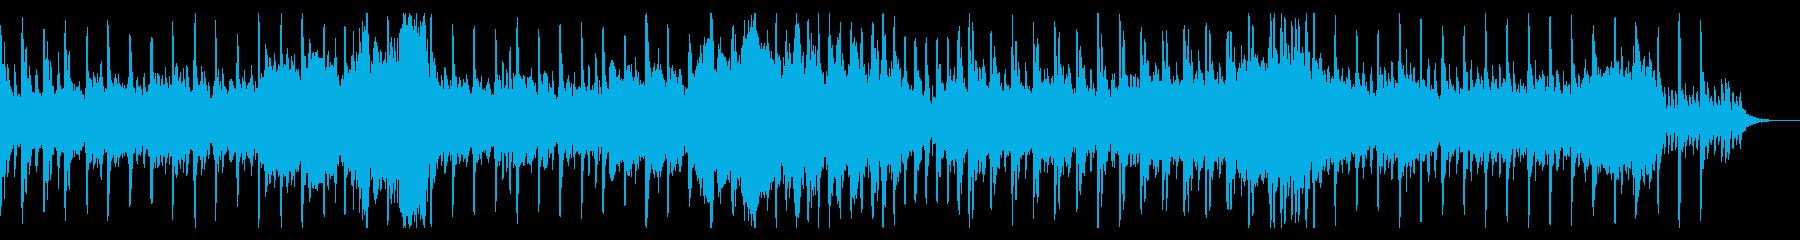 三拍子オルゴール風やや不気味なハロウィンの再生済みの波形